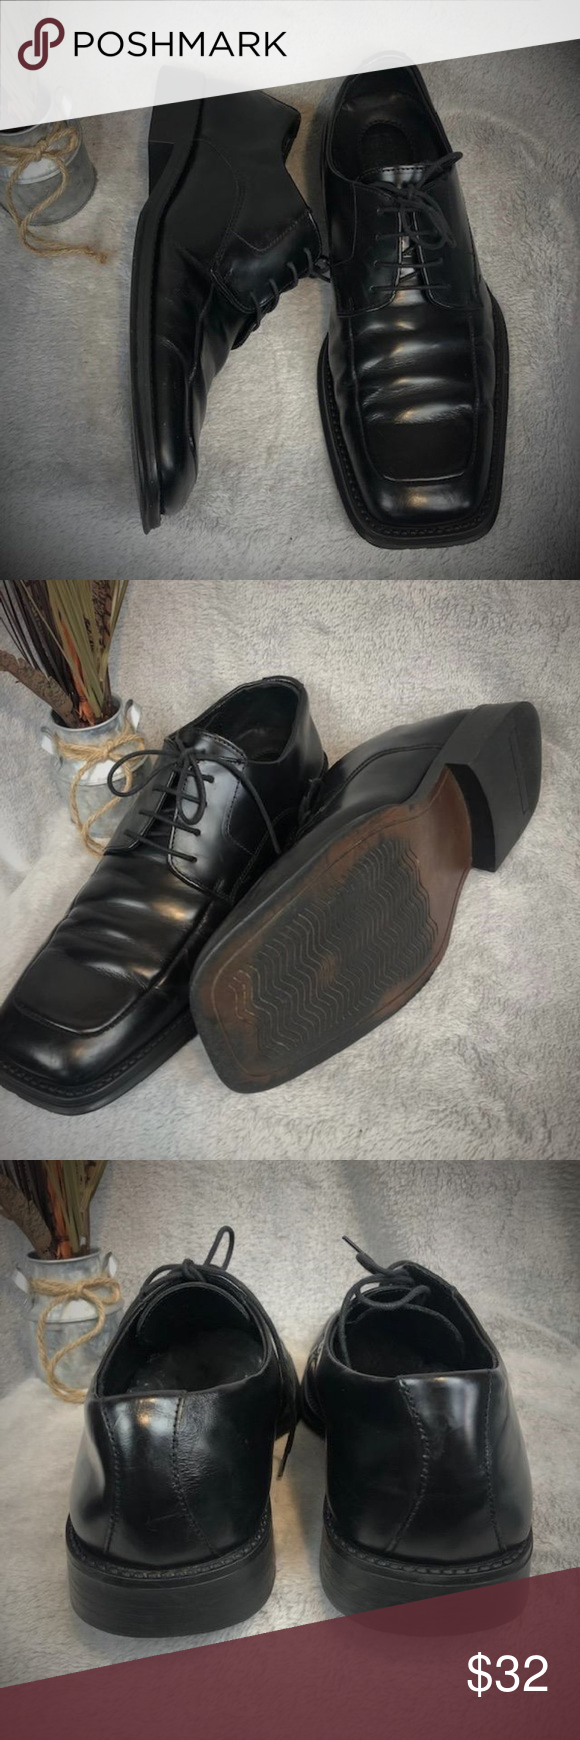 Kenneth Cole Black Dress Shoe Sim Plicity Size 11 Men S Kenneth Cole Dress Shoes Lace Up Black Dress Shoe S Black Dress Shoe Lace Dress Shoes Dress Shoes [ 1740 x 580 Pixel ]